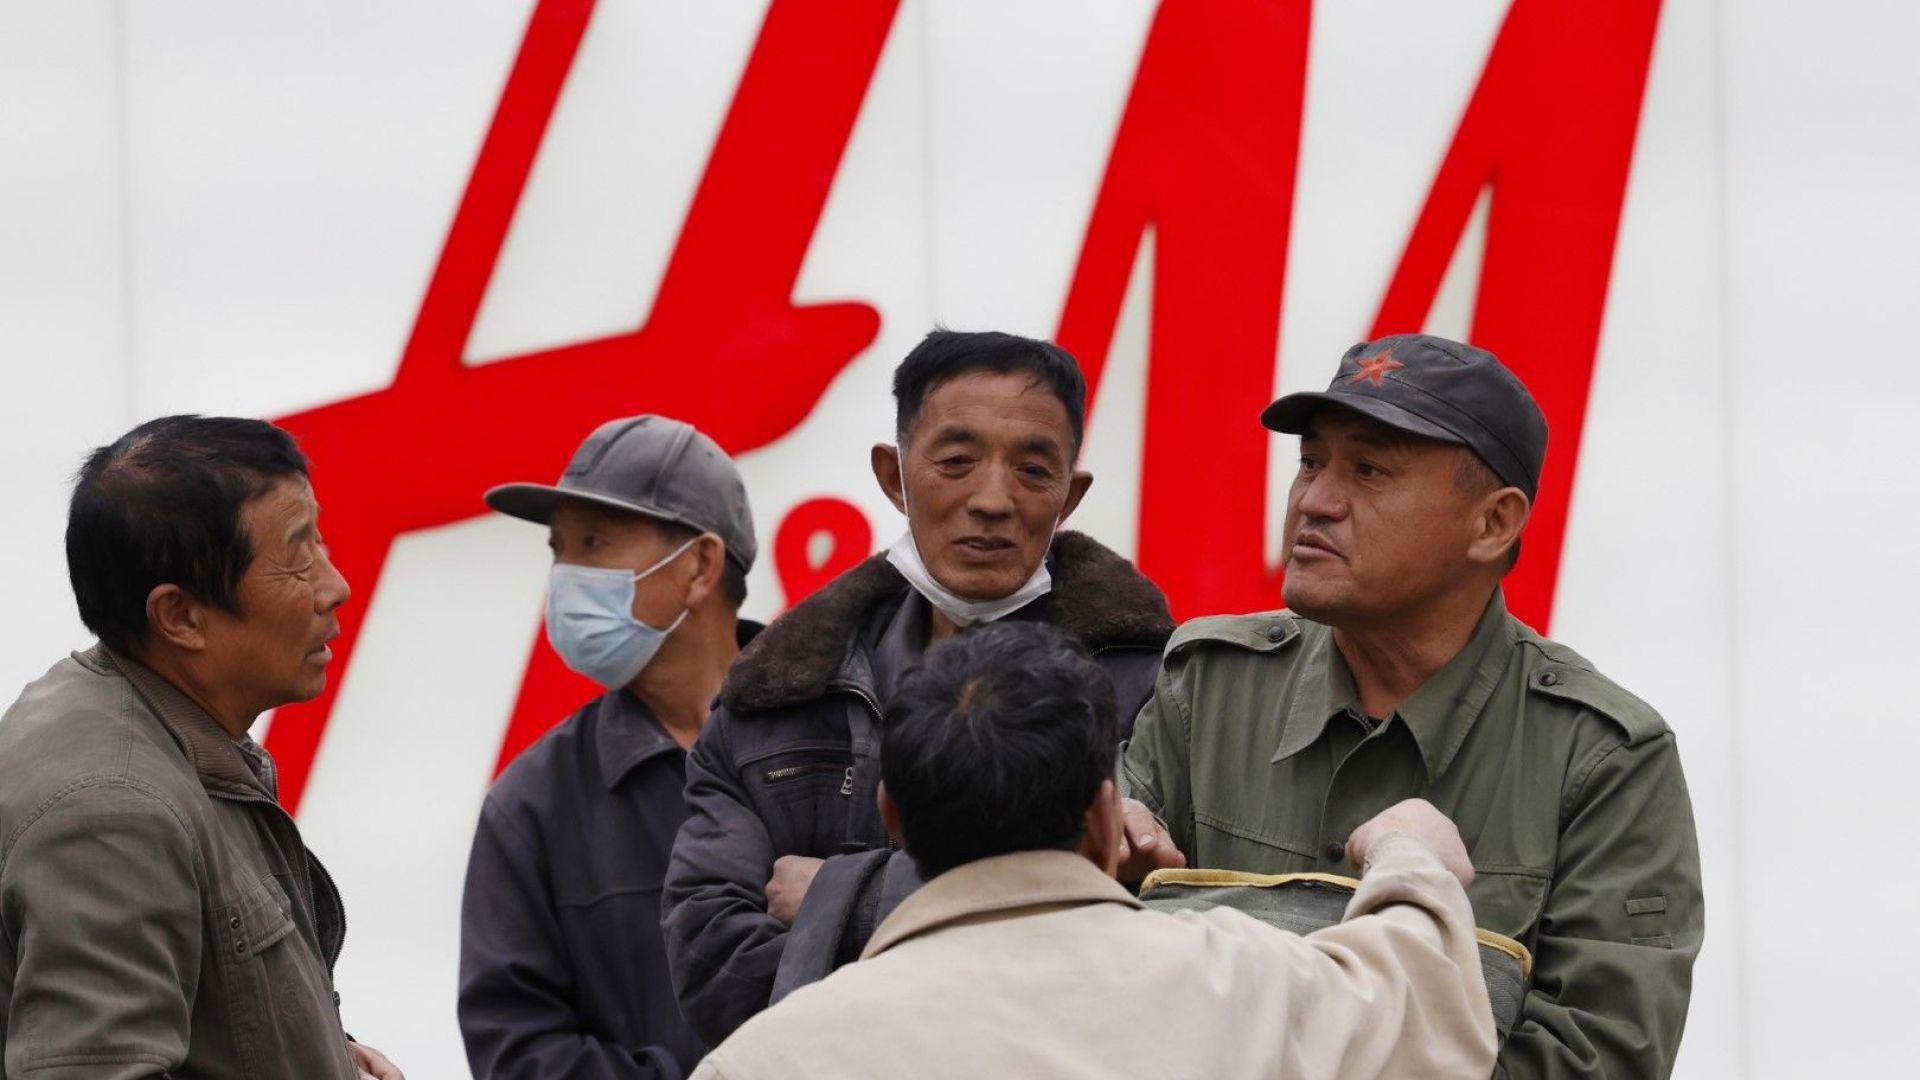 H&M търси изход от кризата с бойкота в Китай